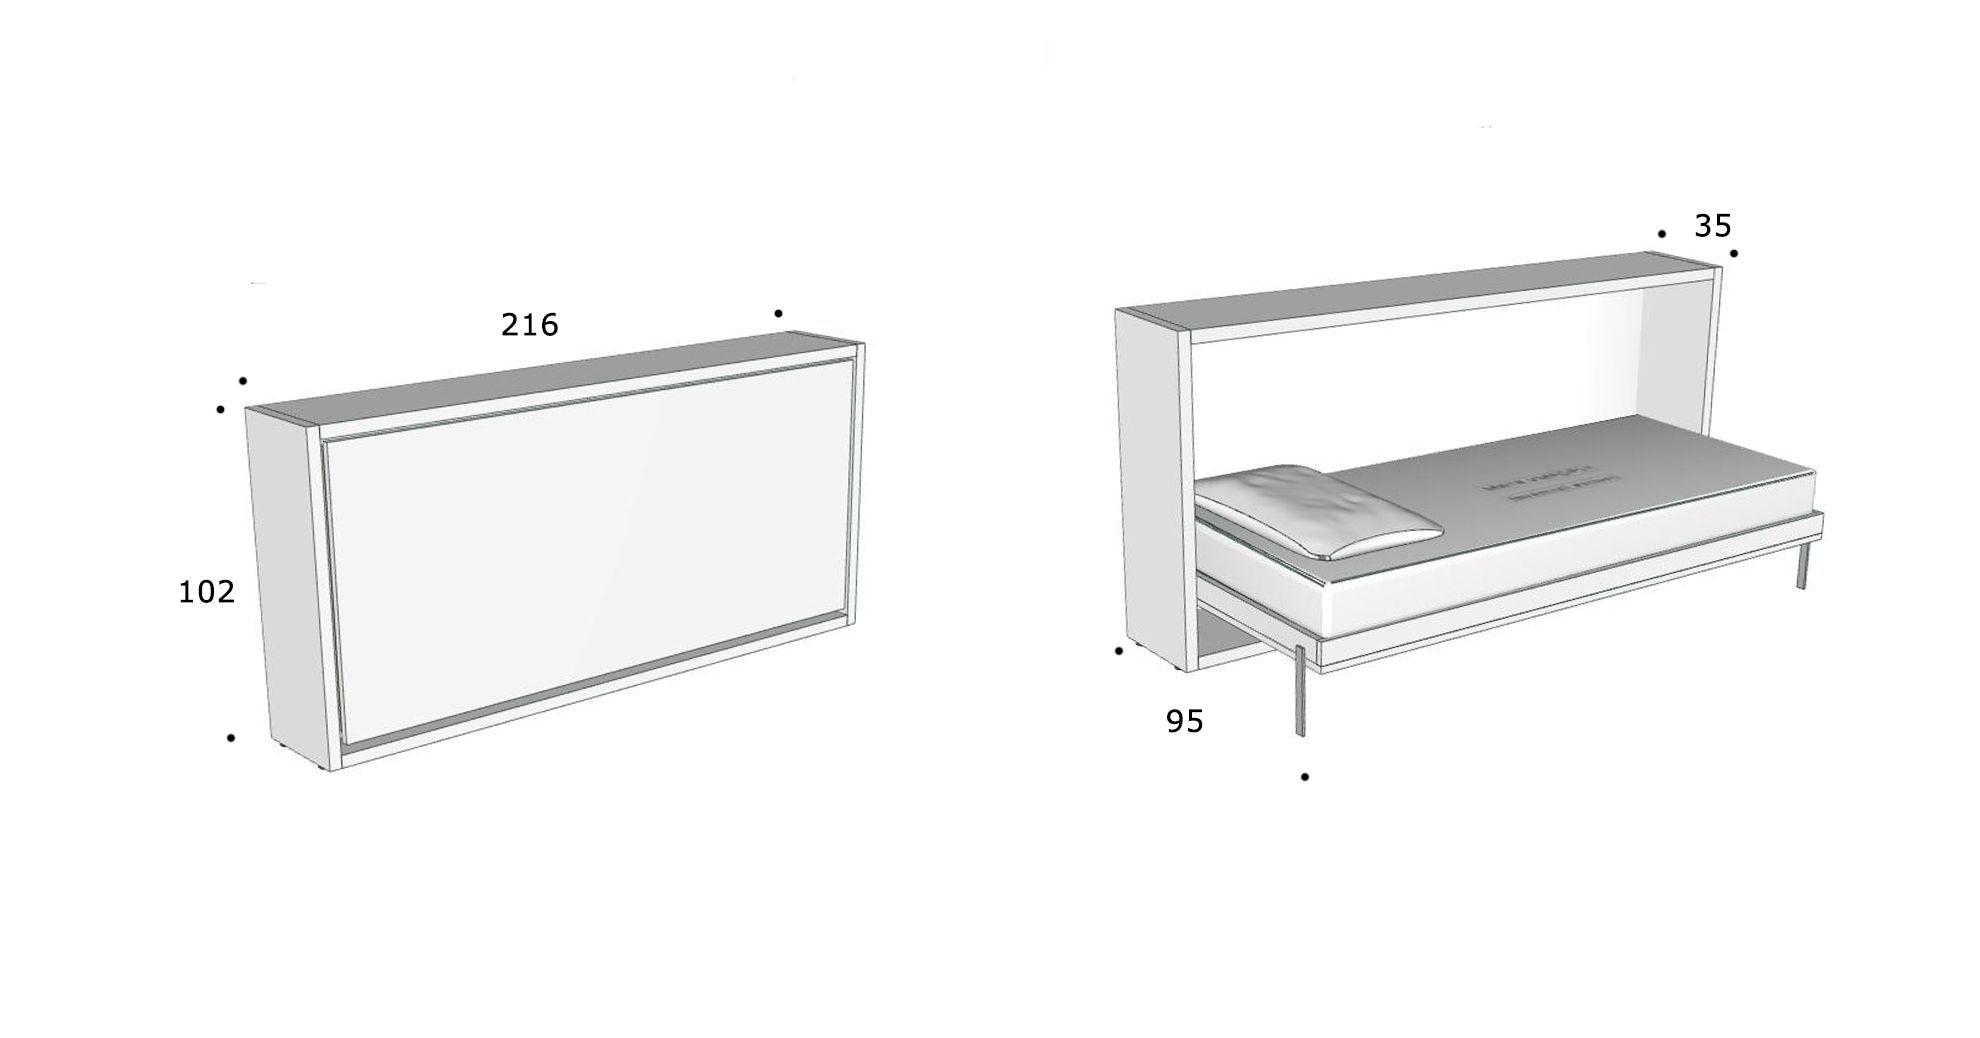 Schrankbett Kali 90 online kaufen - direkt beim Hersteller ...